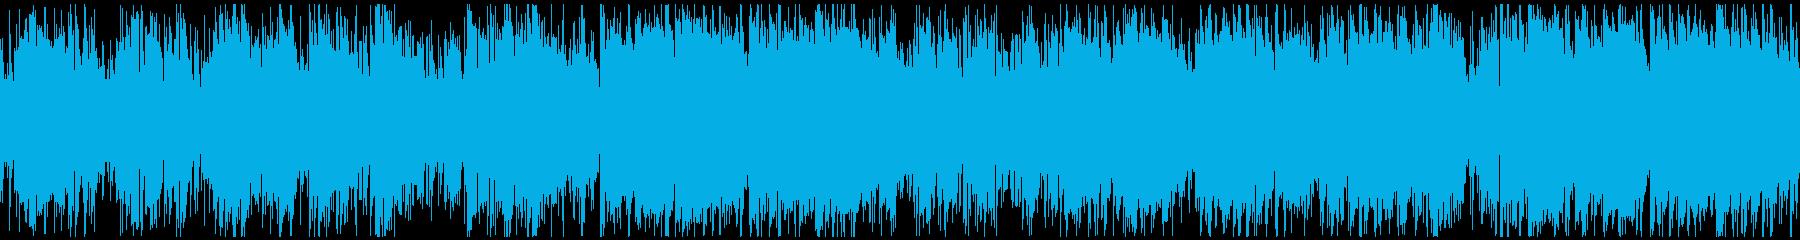 生演奏Sax穏やかフュージョン※ループ版の再生済みの波形